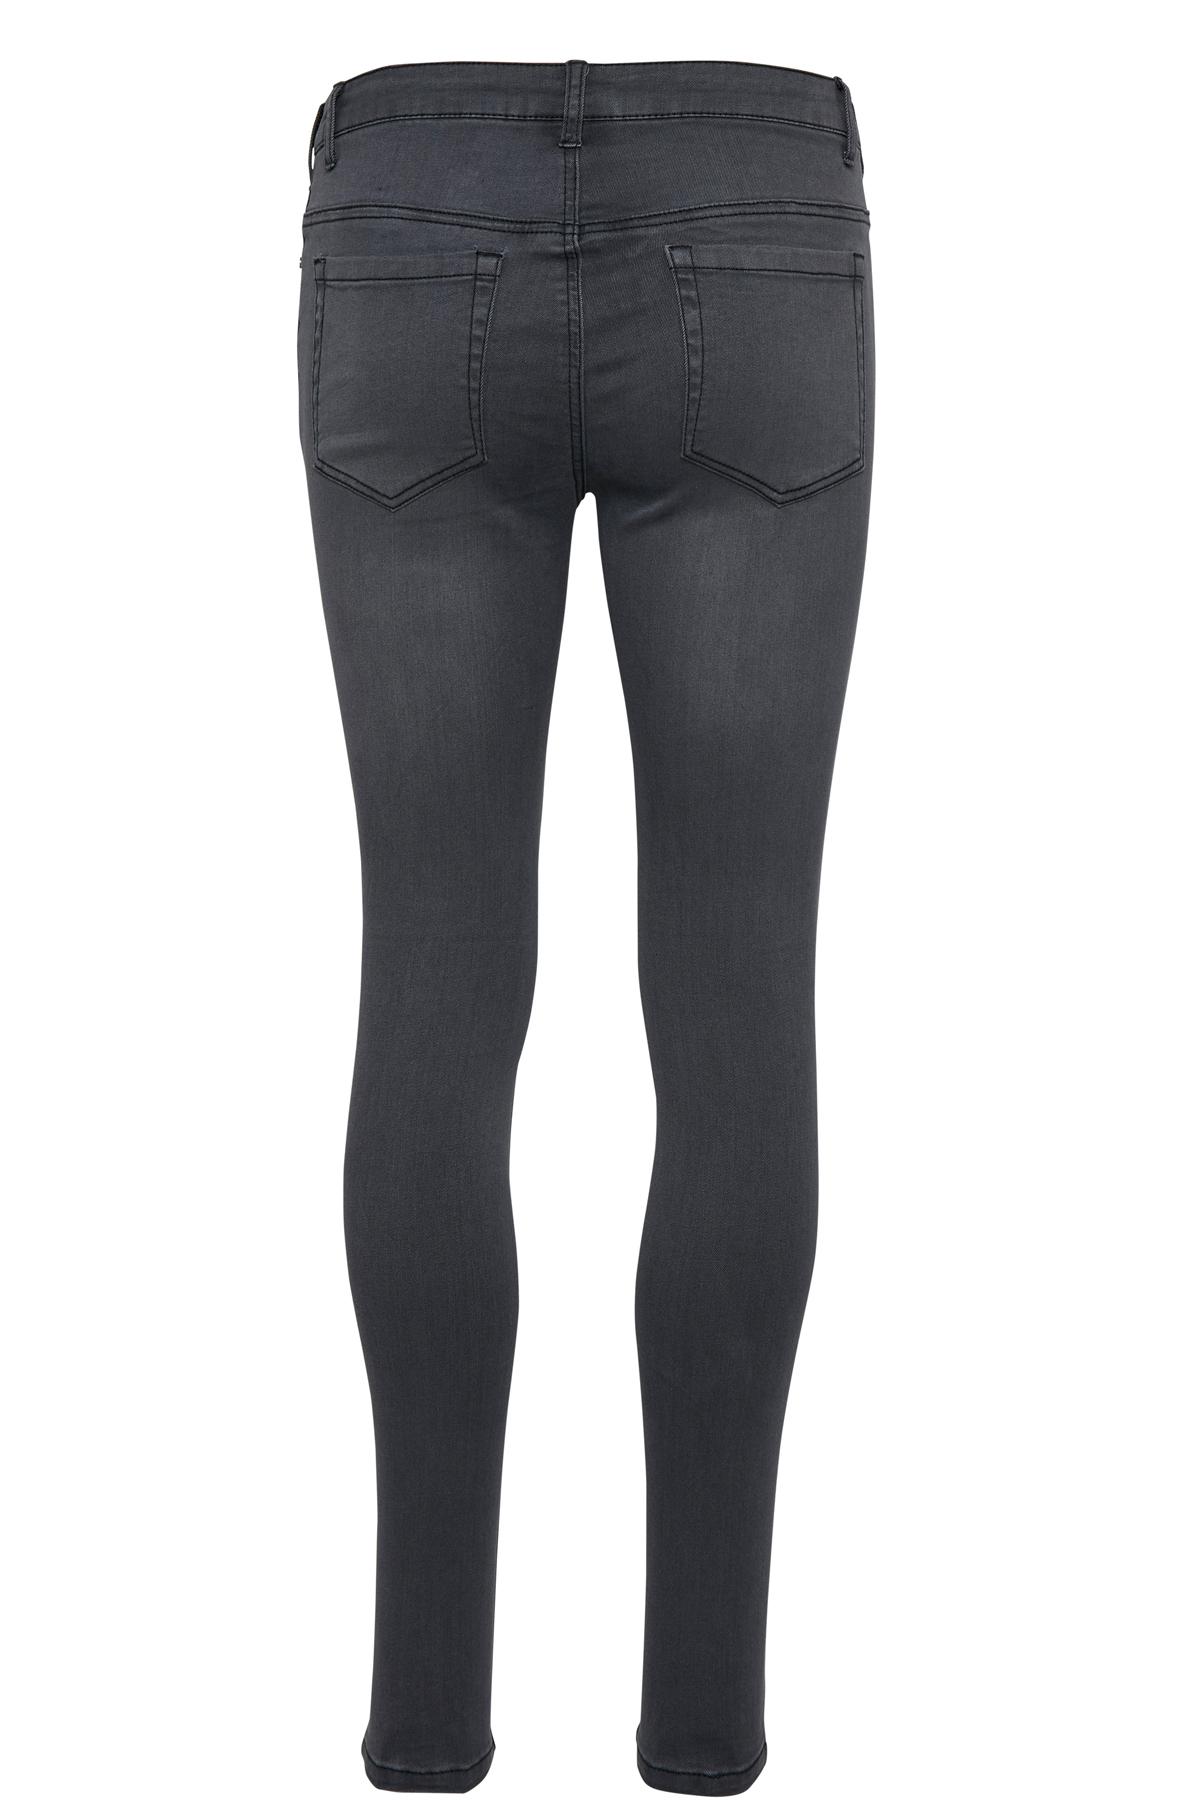 Mørkegrå Jeans fra Kaffe – Køb Mørkegrå Jeans fra str. 34-46 her